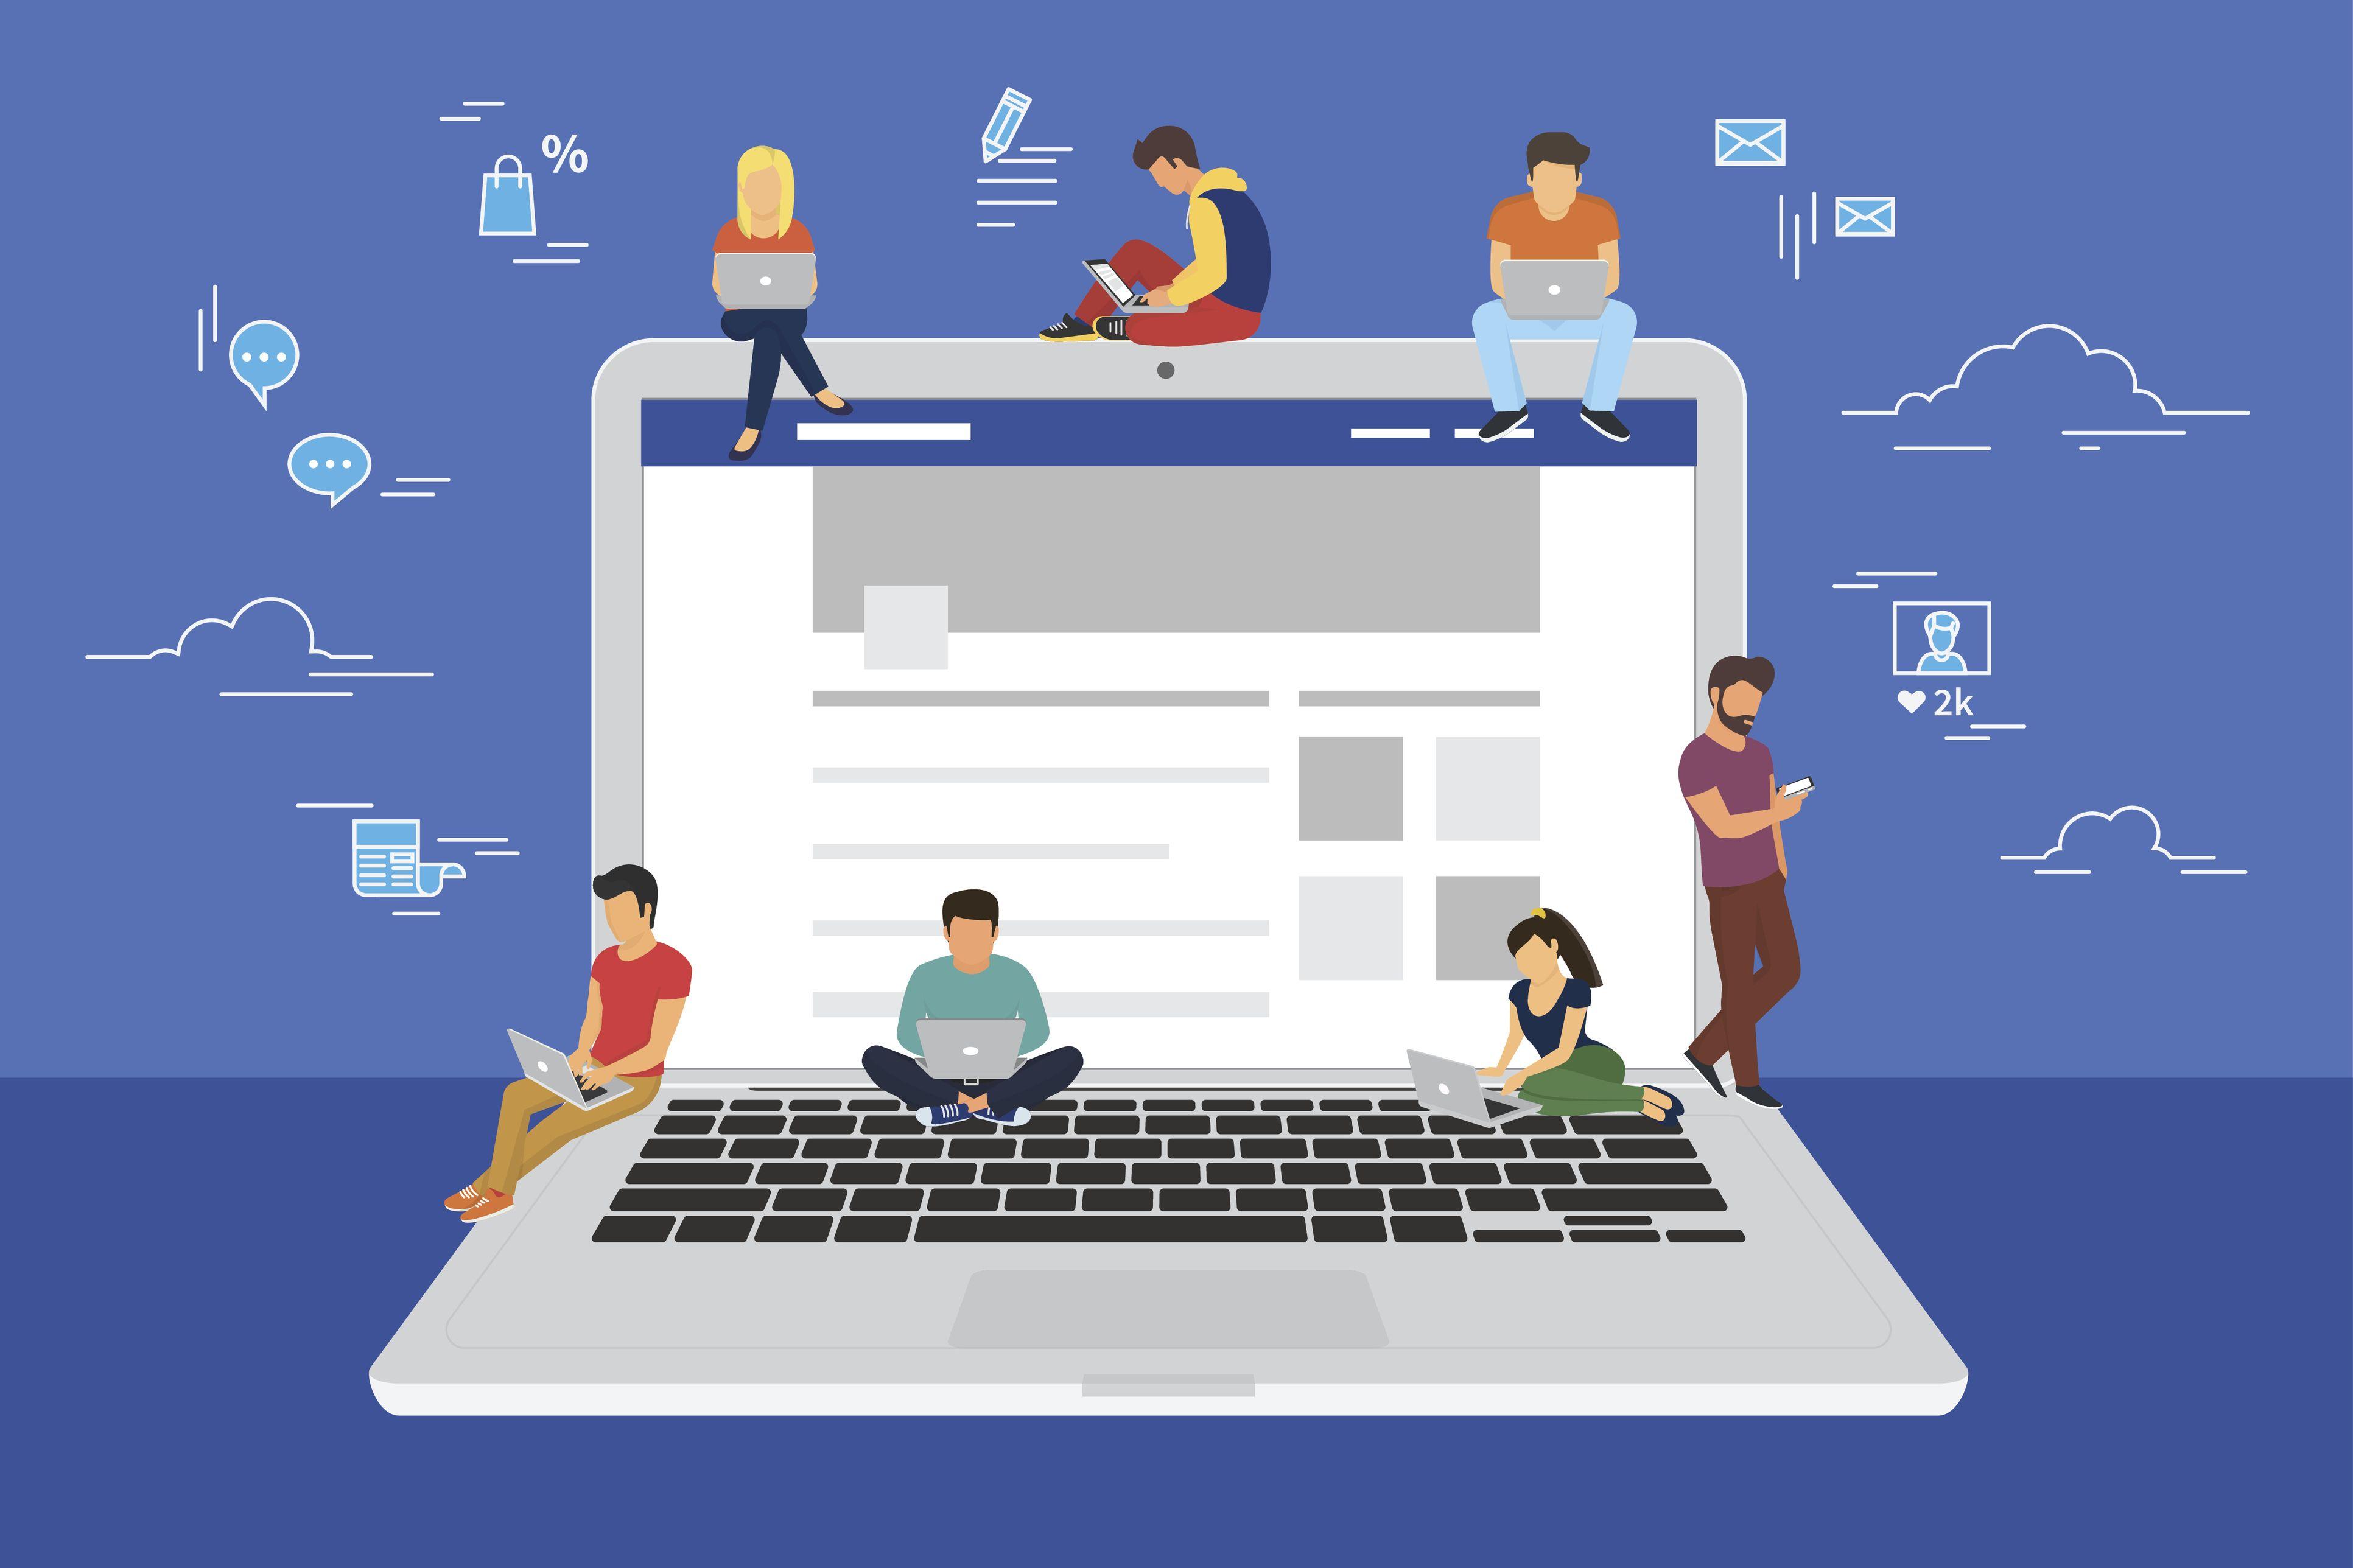 Τα σχόλια που κάνουν τα παιδιά στα κοινωνικά δίκτυα μπορεί μια μέρα να τους στοιχειώσουν